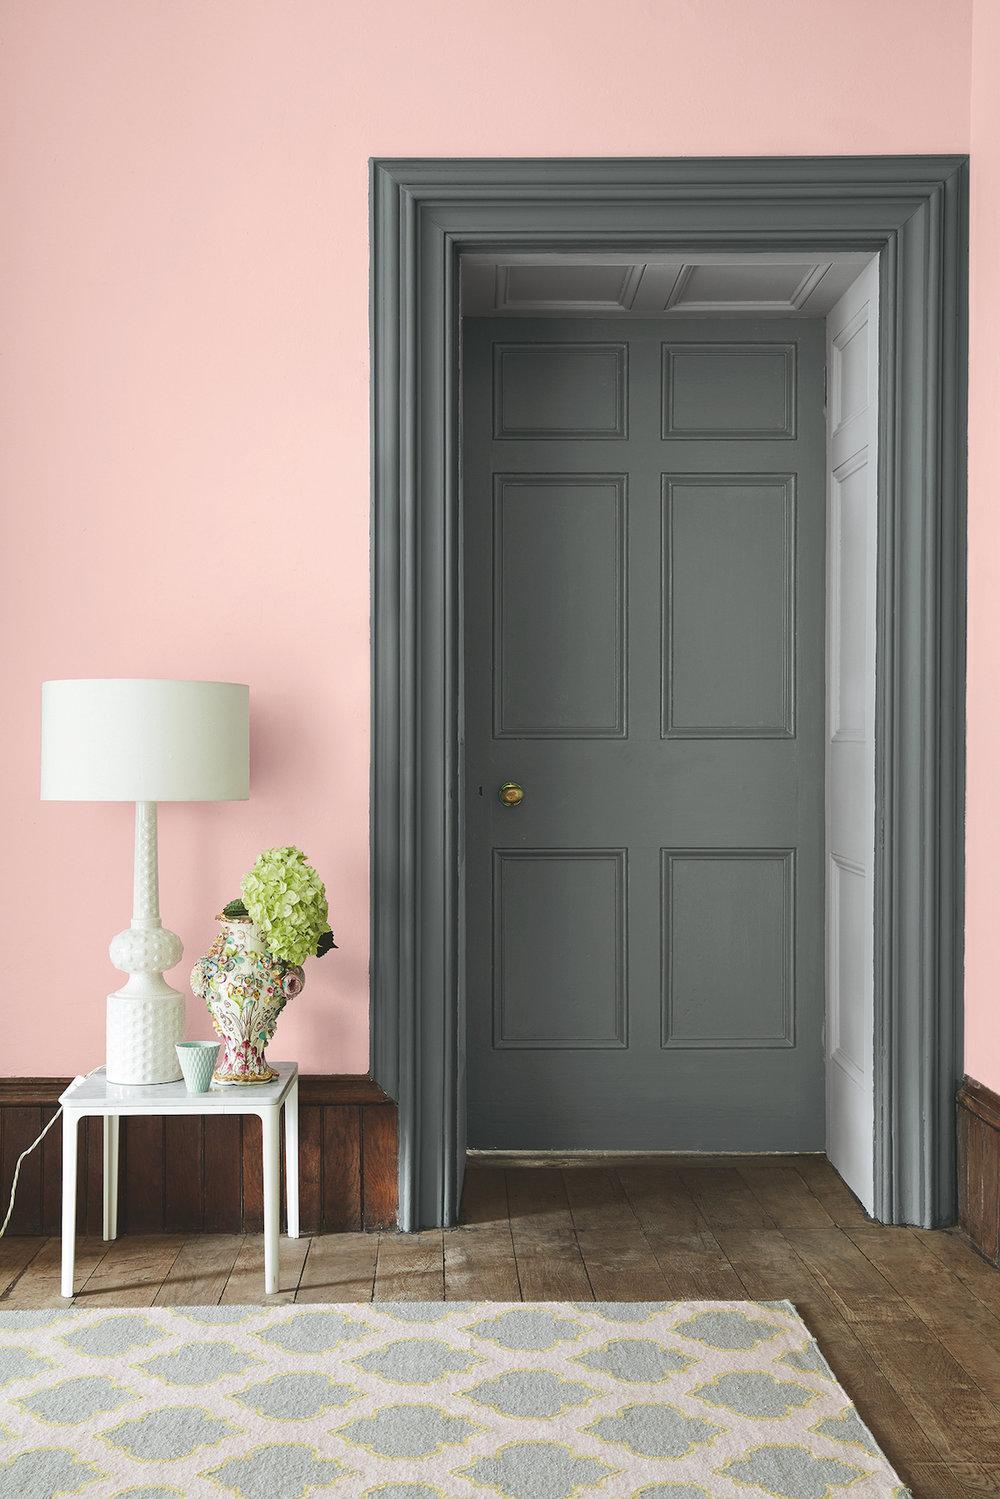 Wall: Confetti 274, Doorframe and Door: Livid 263, Inside Door Panelling: Gauze Dark 166, Above Picture Rail: Lamp Black 228